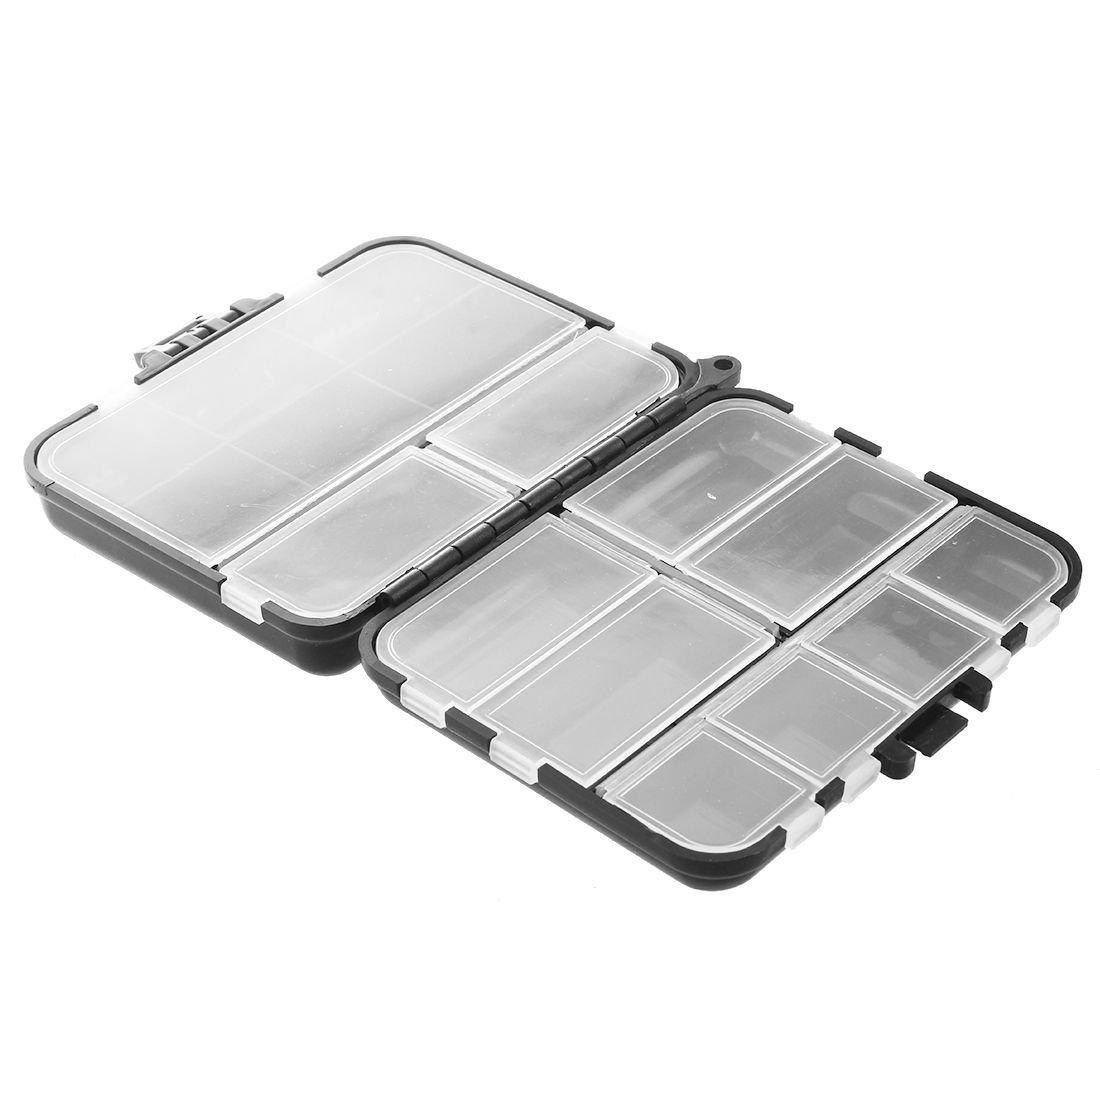 Herramienta de pesca ecologica impermeable Contenedor estuche caja de almacenamiento de trasto cebo senuelo con 26 compartimientos R SODIAL